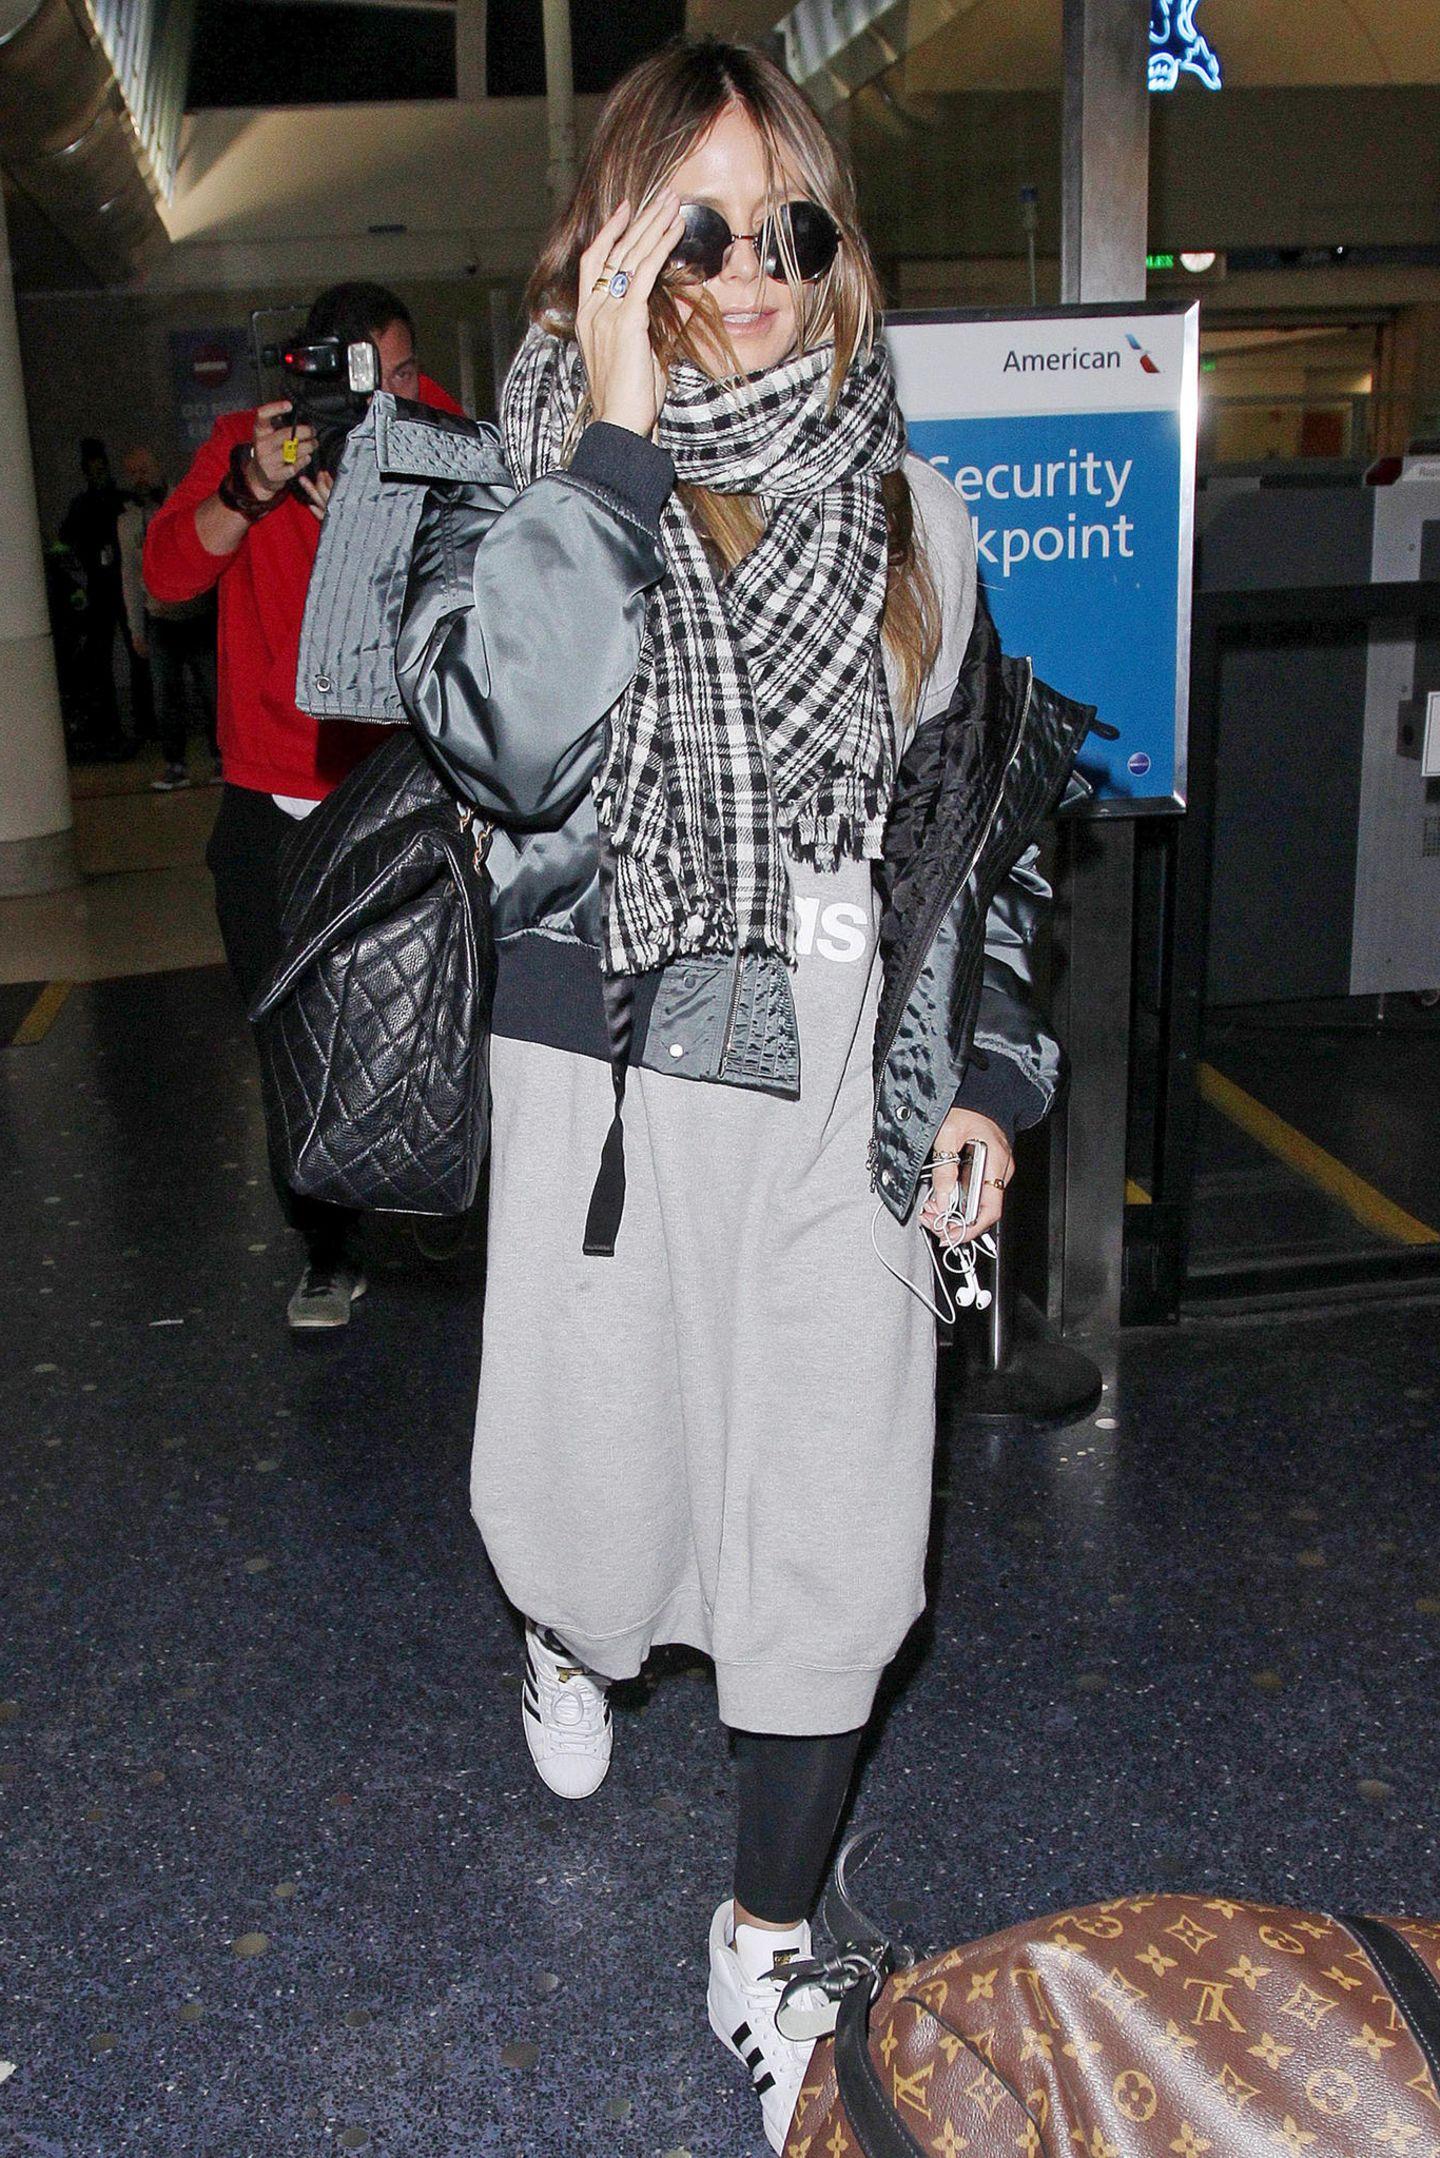 Dick verpackt und doch erkannt: Heidi Klum sieht sich im sportlichen, grauen Winter-Look und extragroßem Karo-Schal am Flughafen von L.A. doch wie üblich von vielen Paparazzi umgeben.